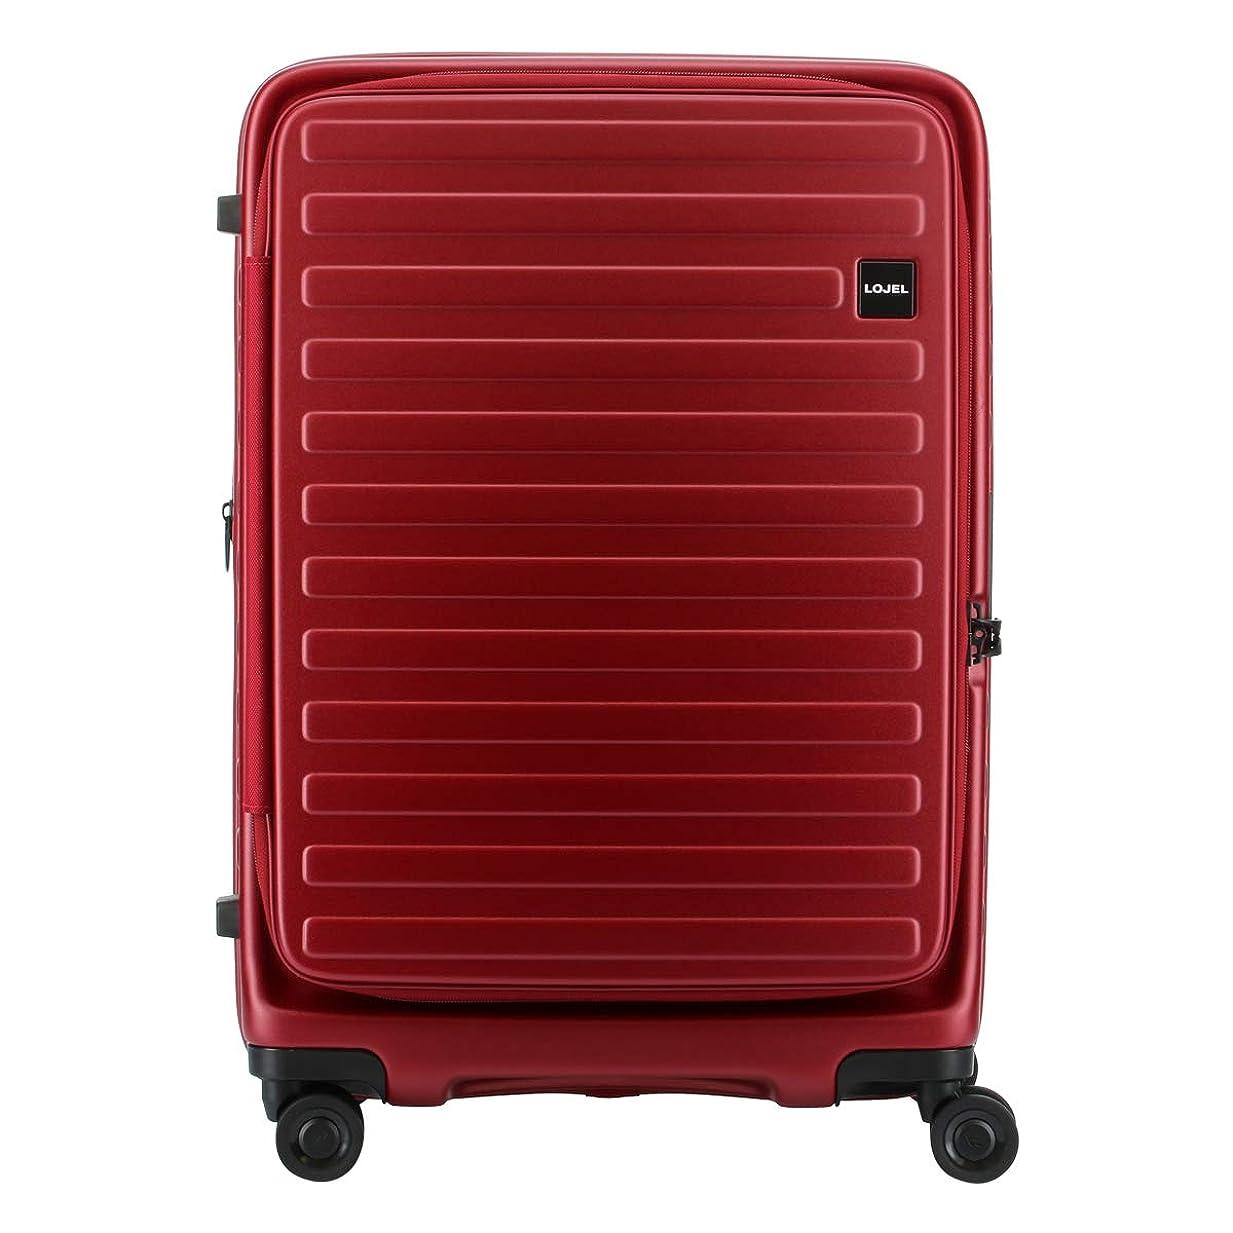 [ロジェール] スーツケース CUBO-M Mサイズ 70L/77L 62cm 3.9kg